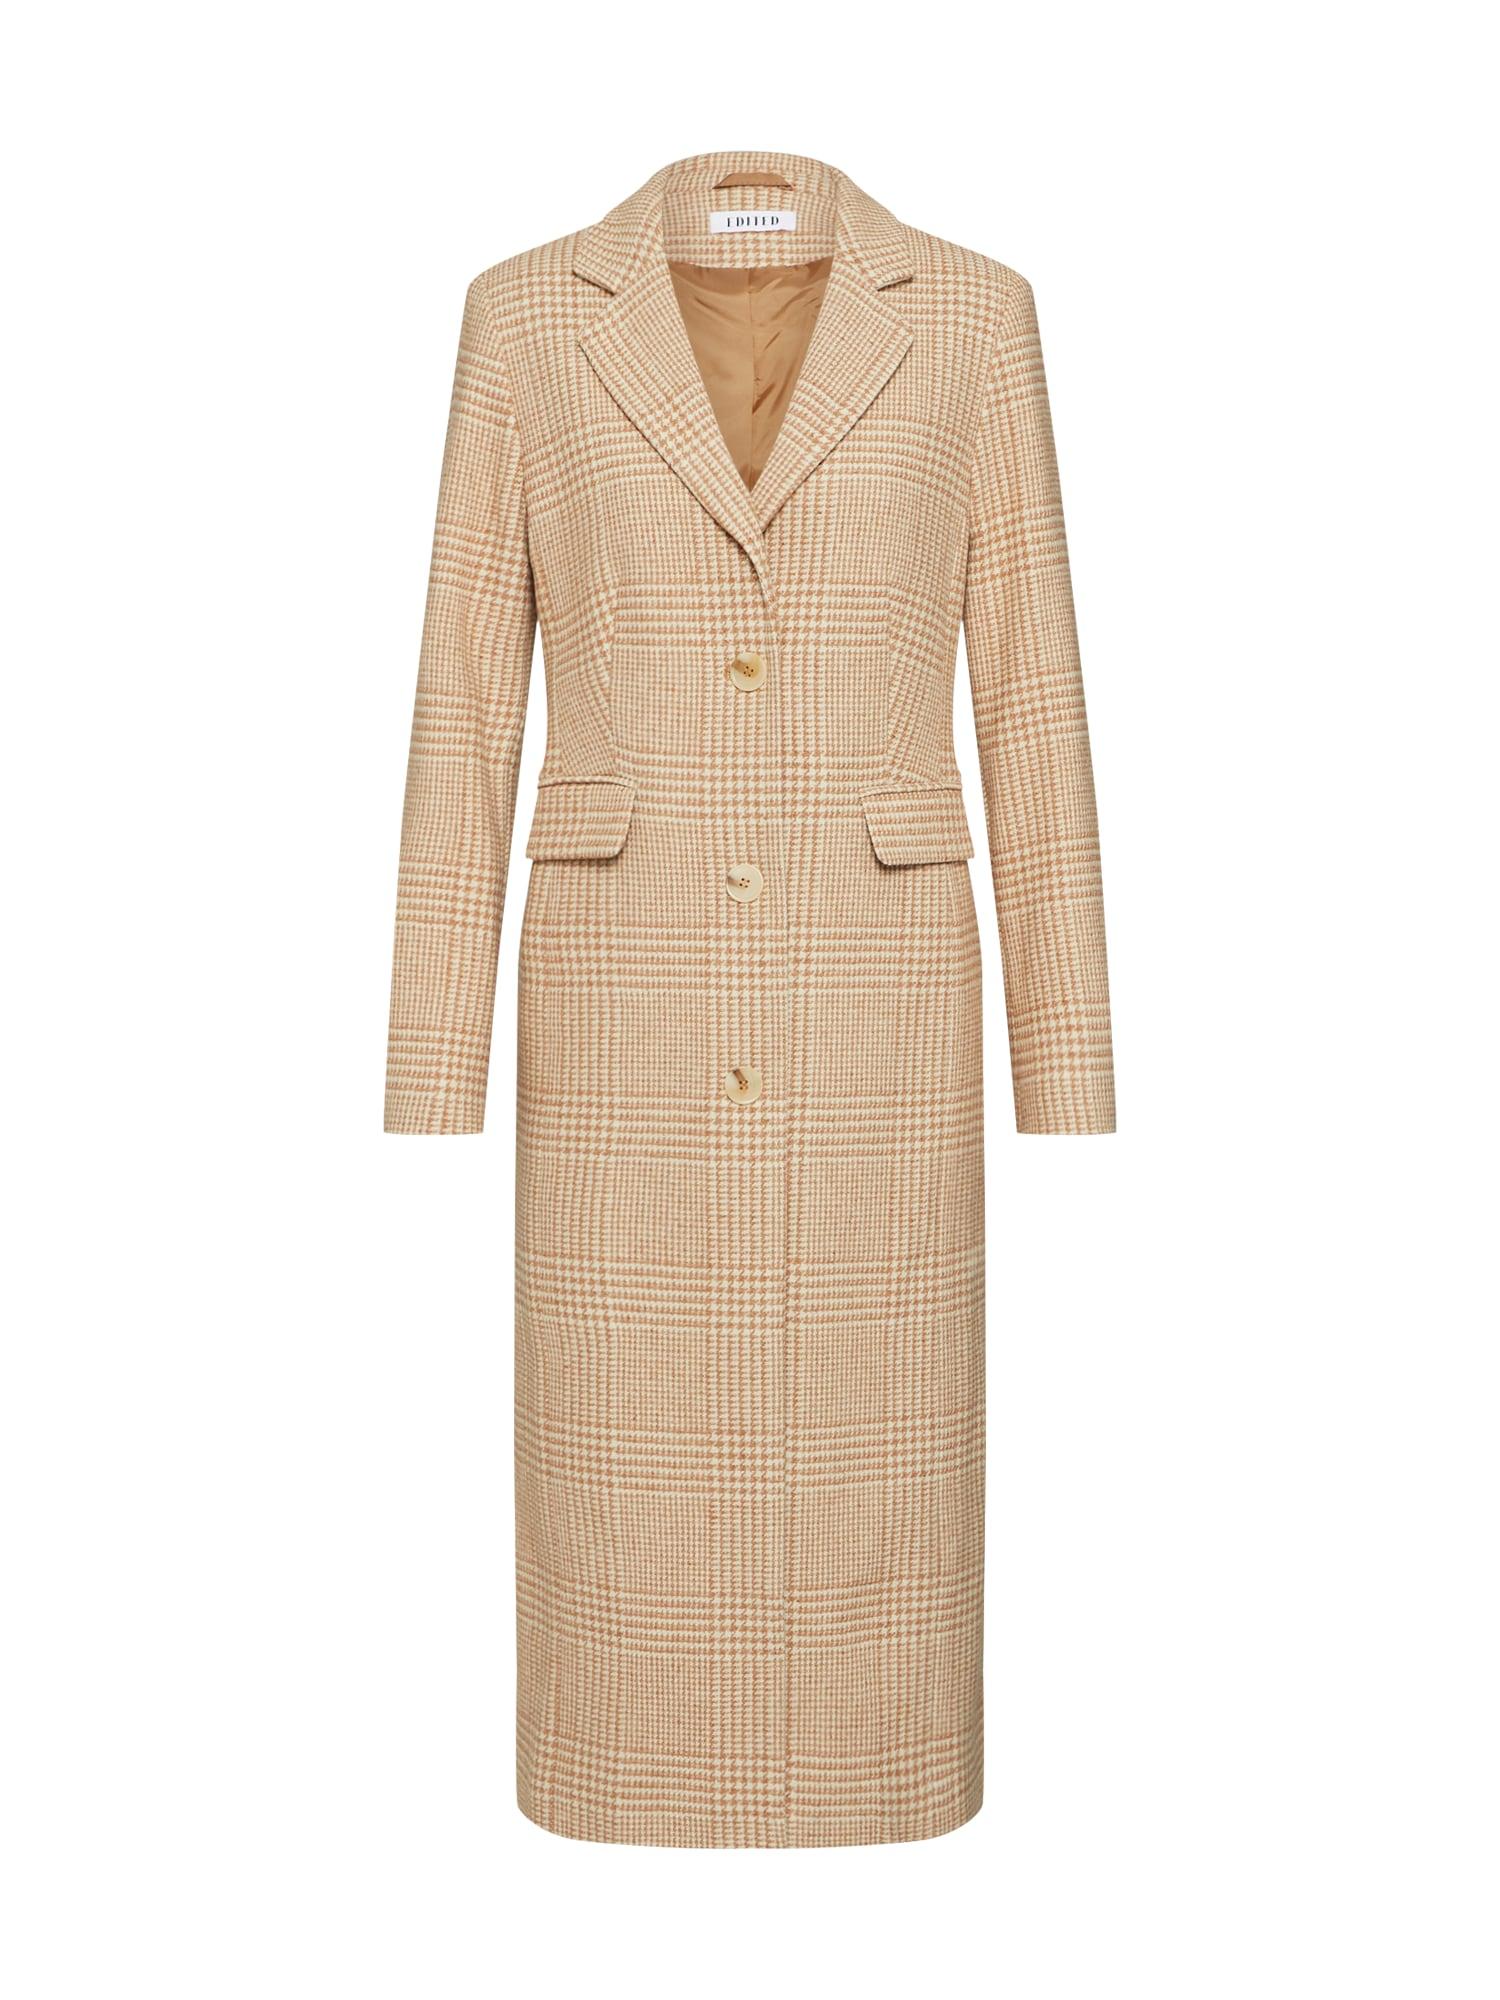 EDITED Rudeninis-žieminis paltas 'Airin' balta / kupranugario